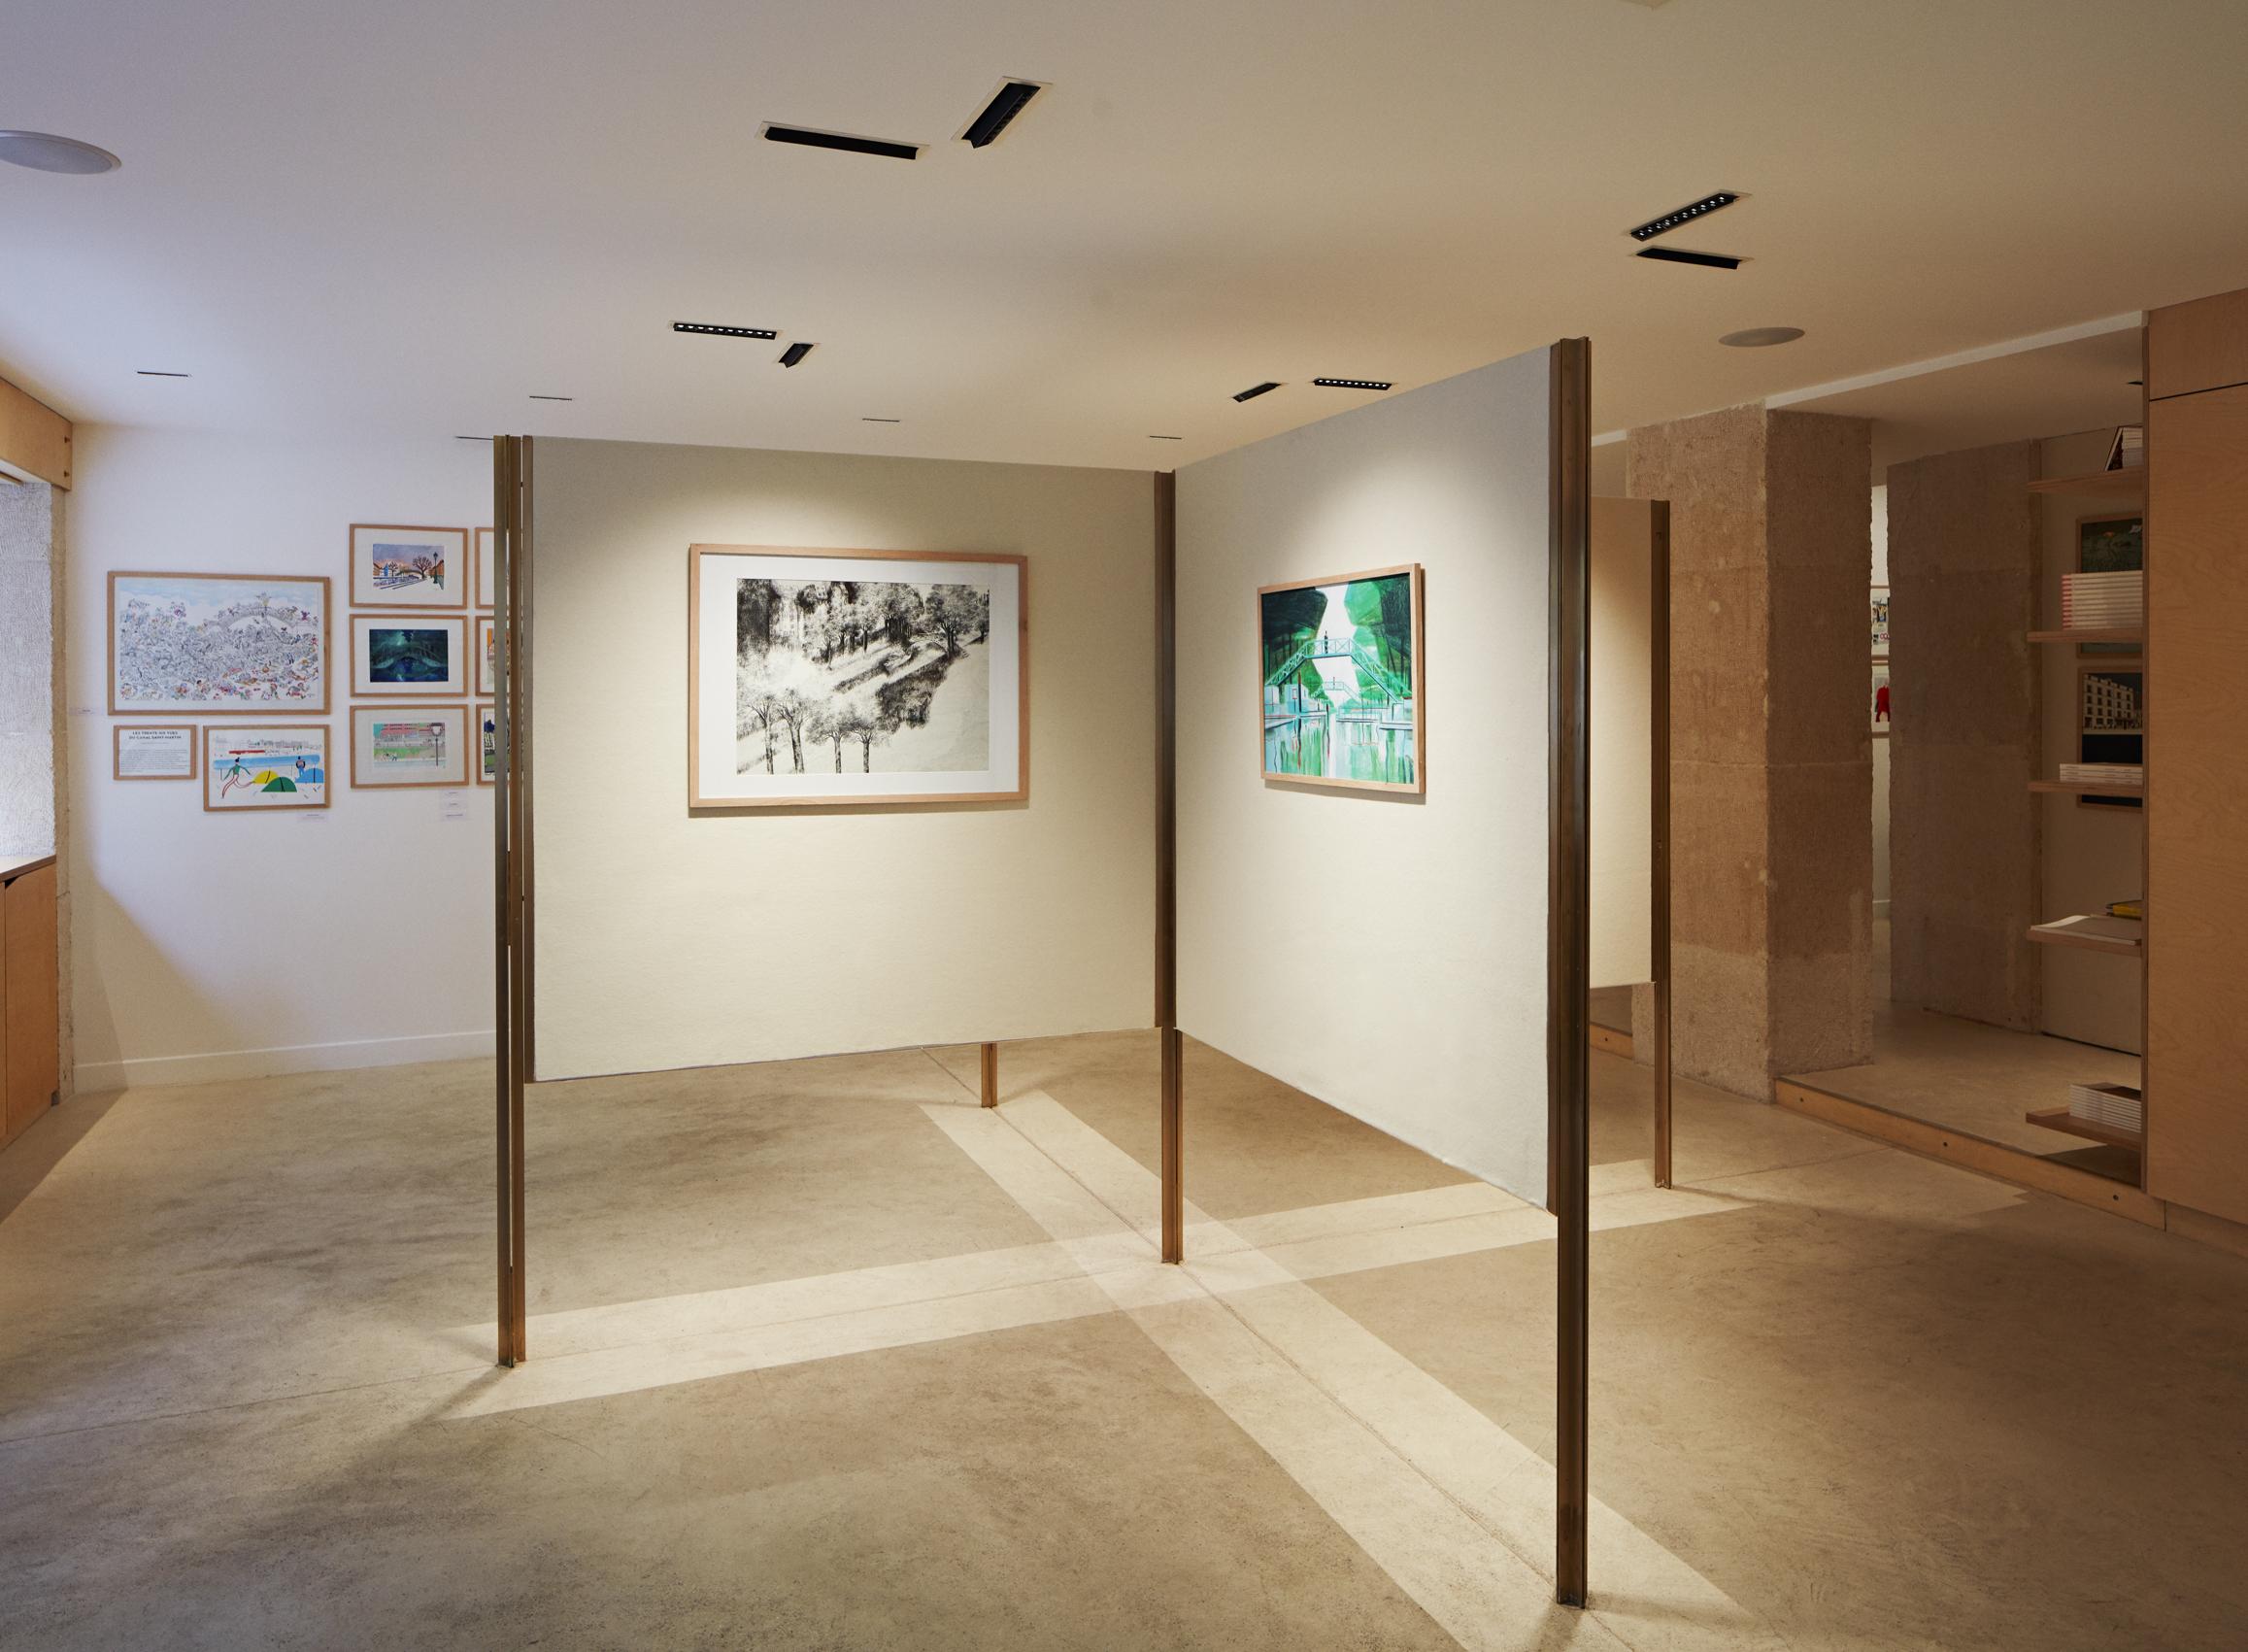 Atelier van Wassenhove_Galerie Le Treize Dix_05 ©Aurélien Chauvaudjpg